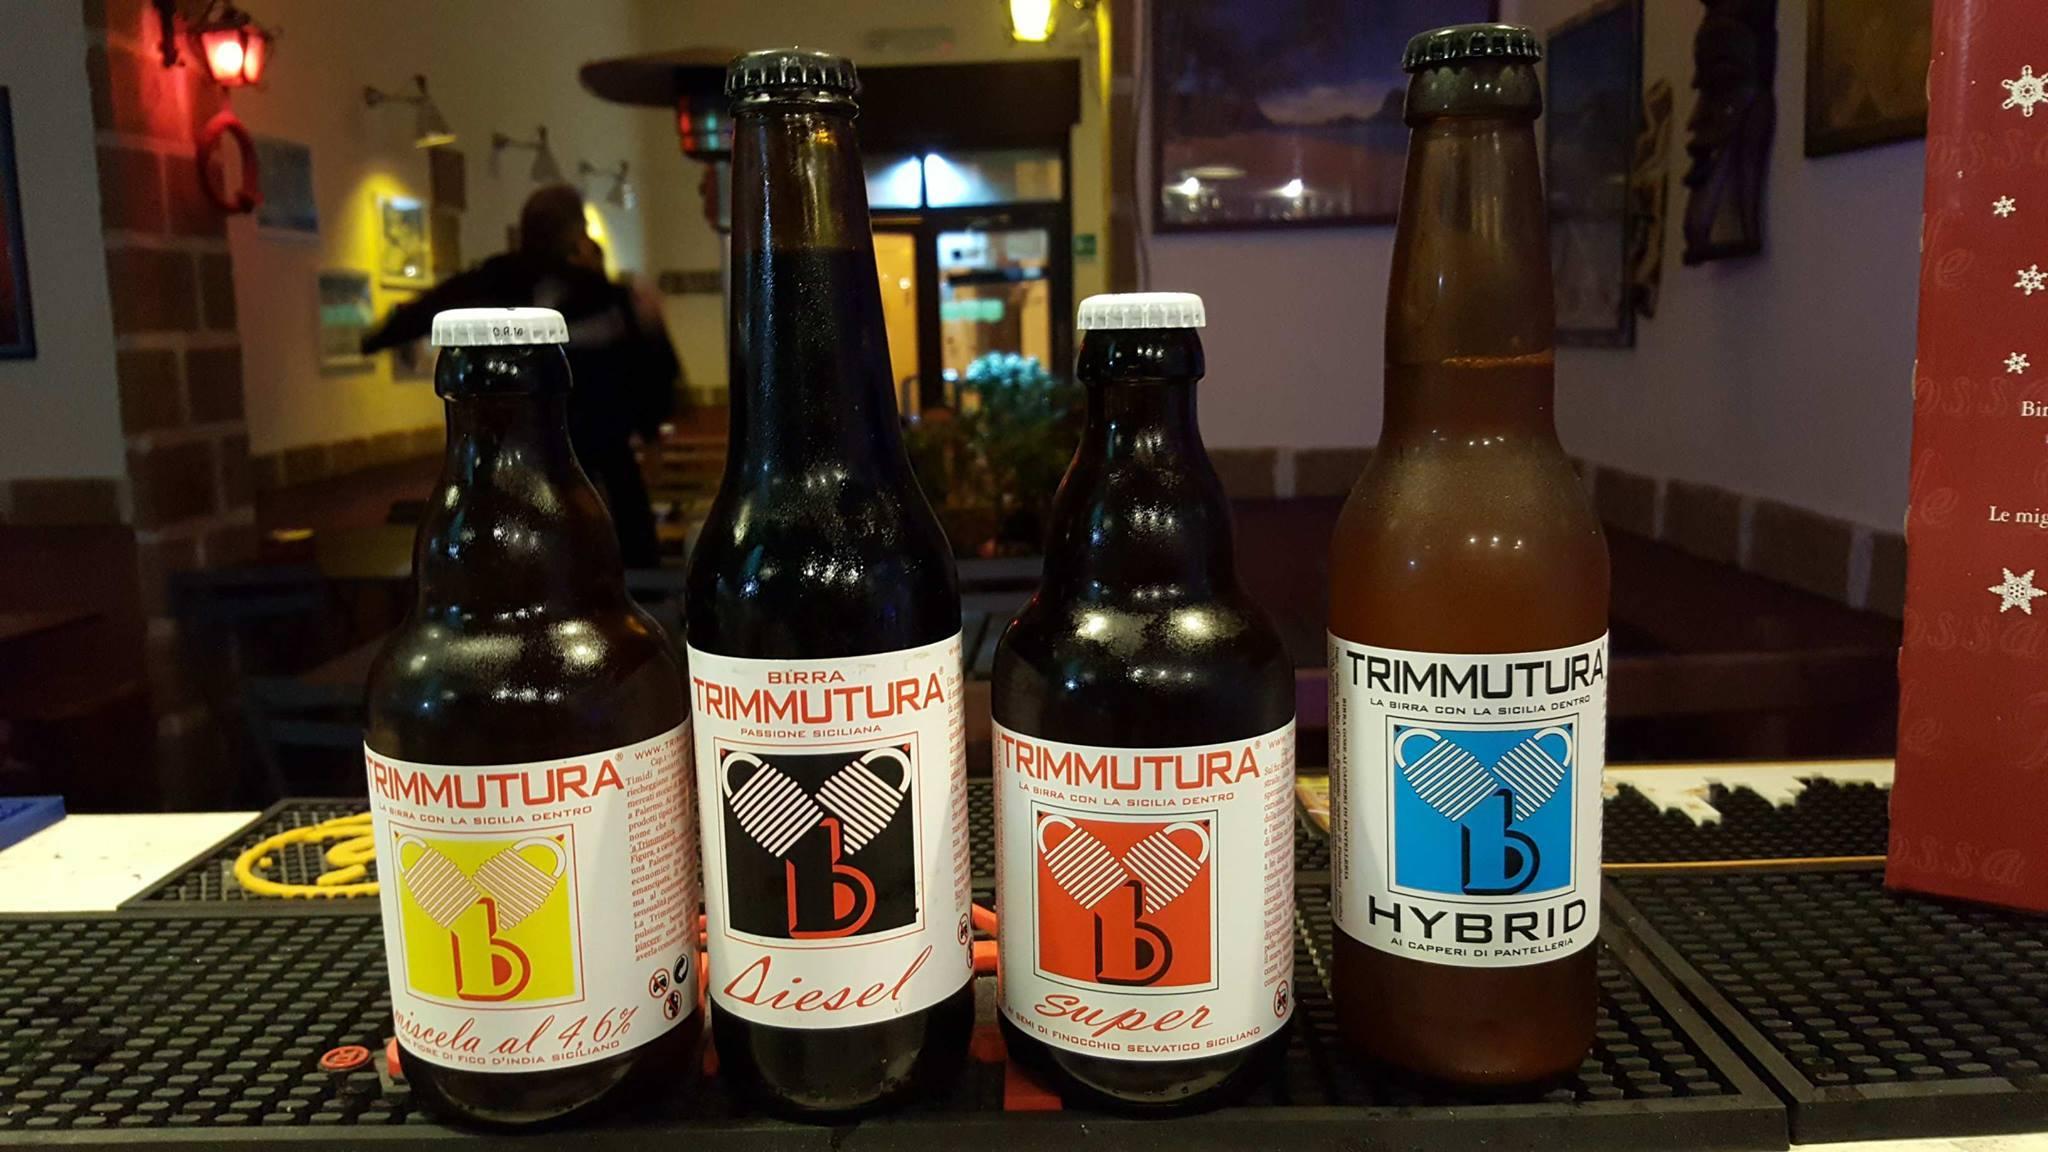 Vendita online birra artigianale Siciliana Trimmutura miglior prezzo del web